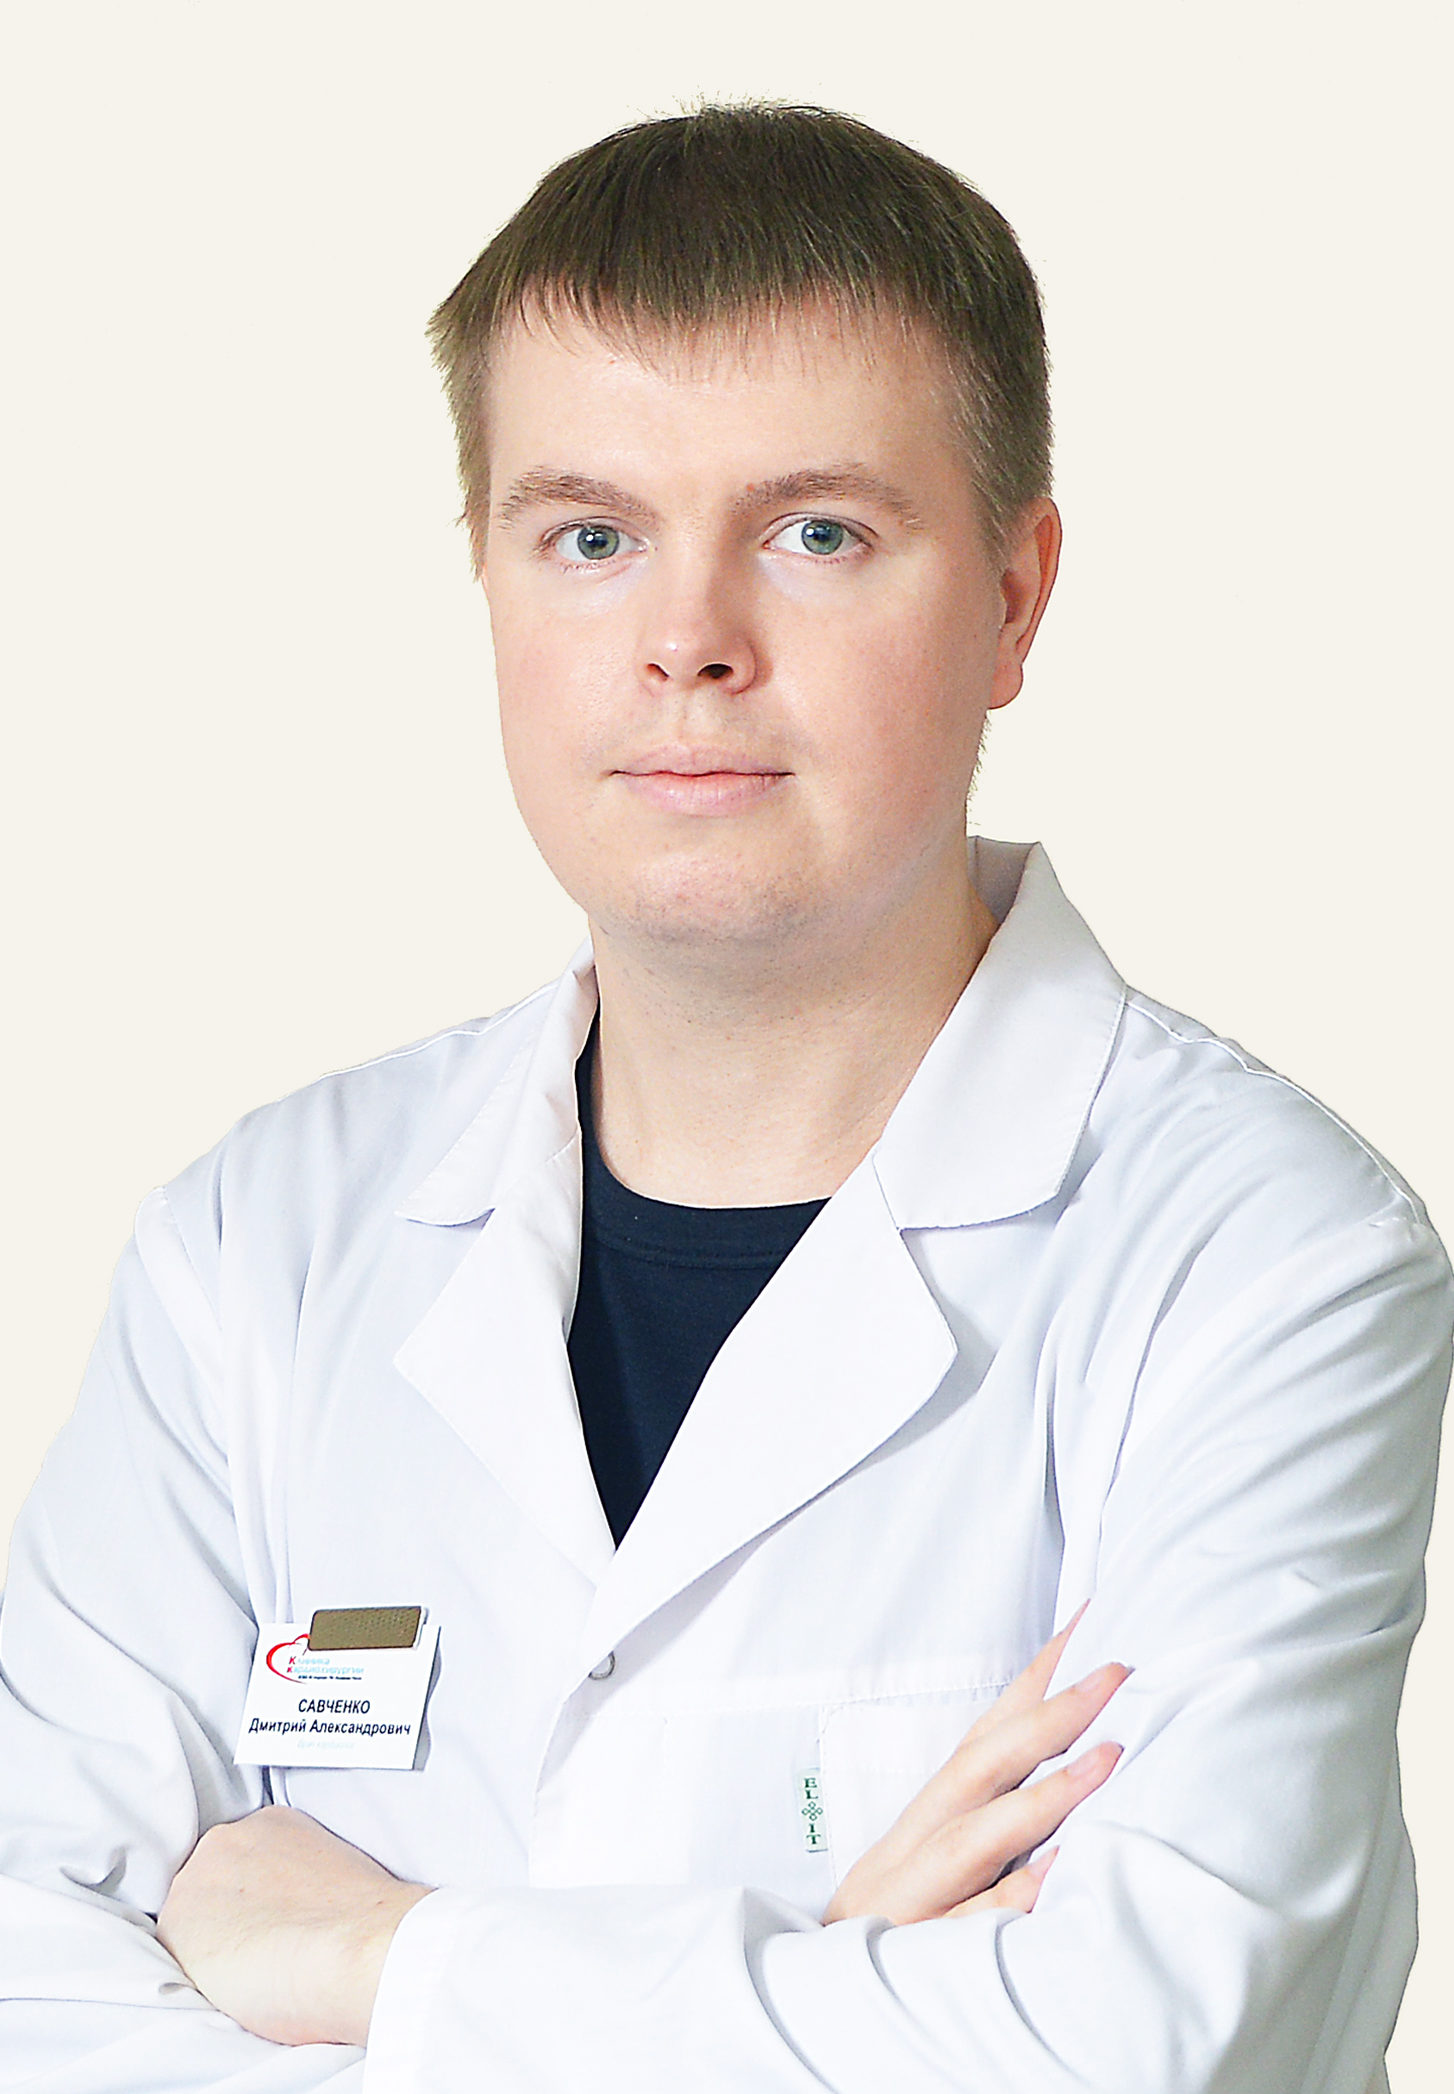 Савченко Дмитрий Александрович